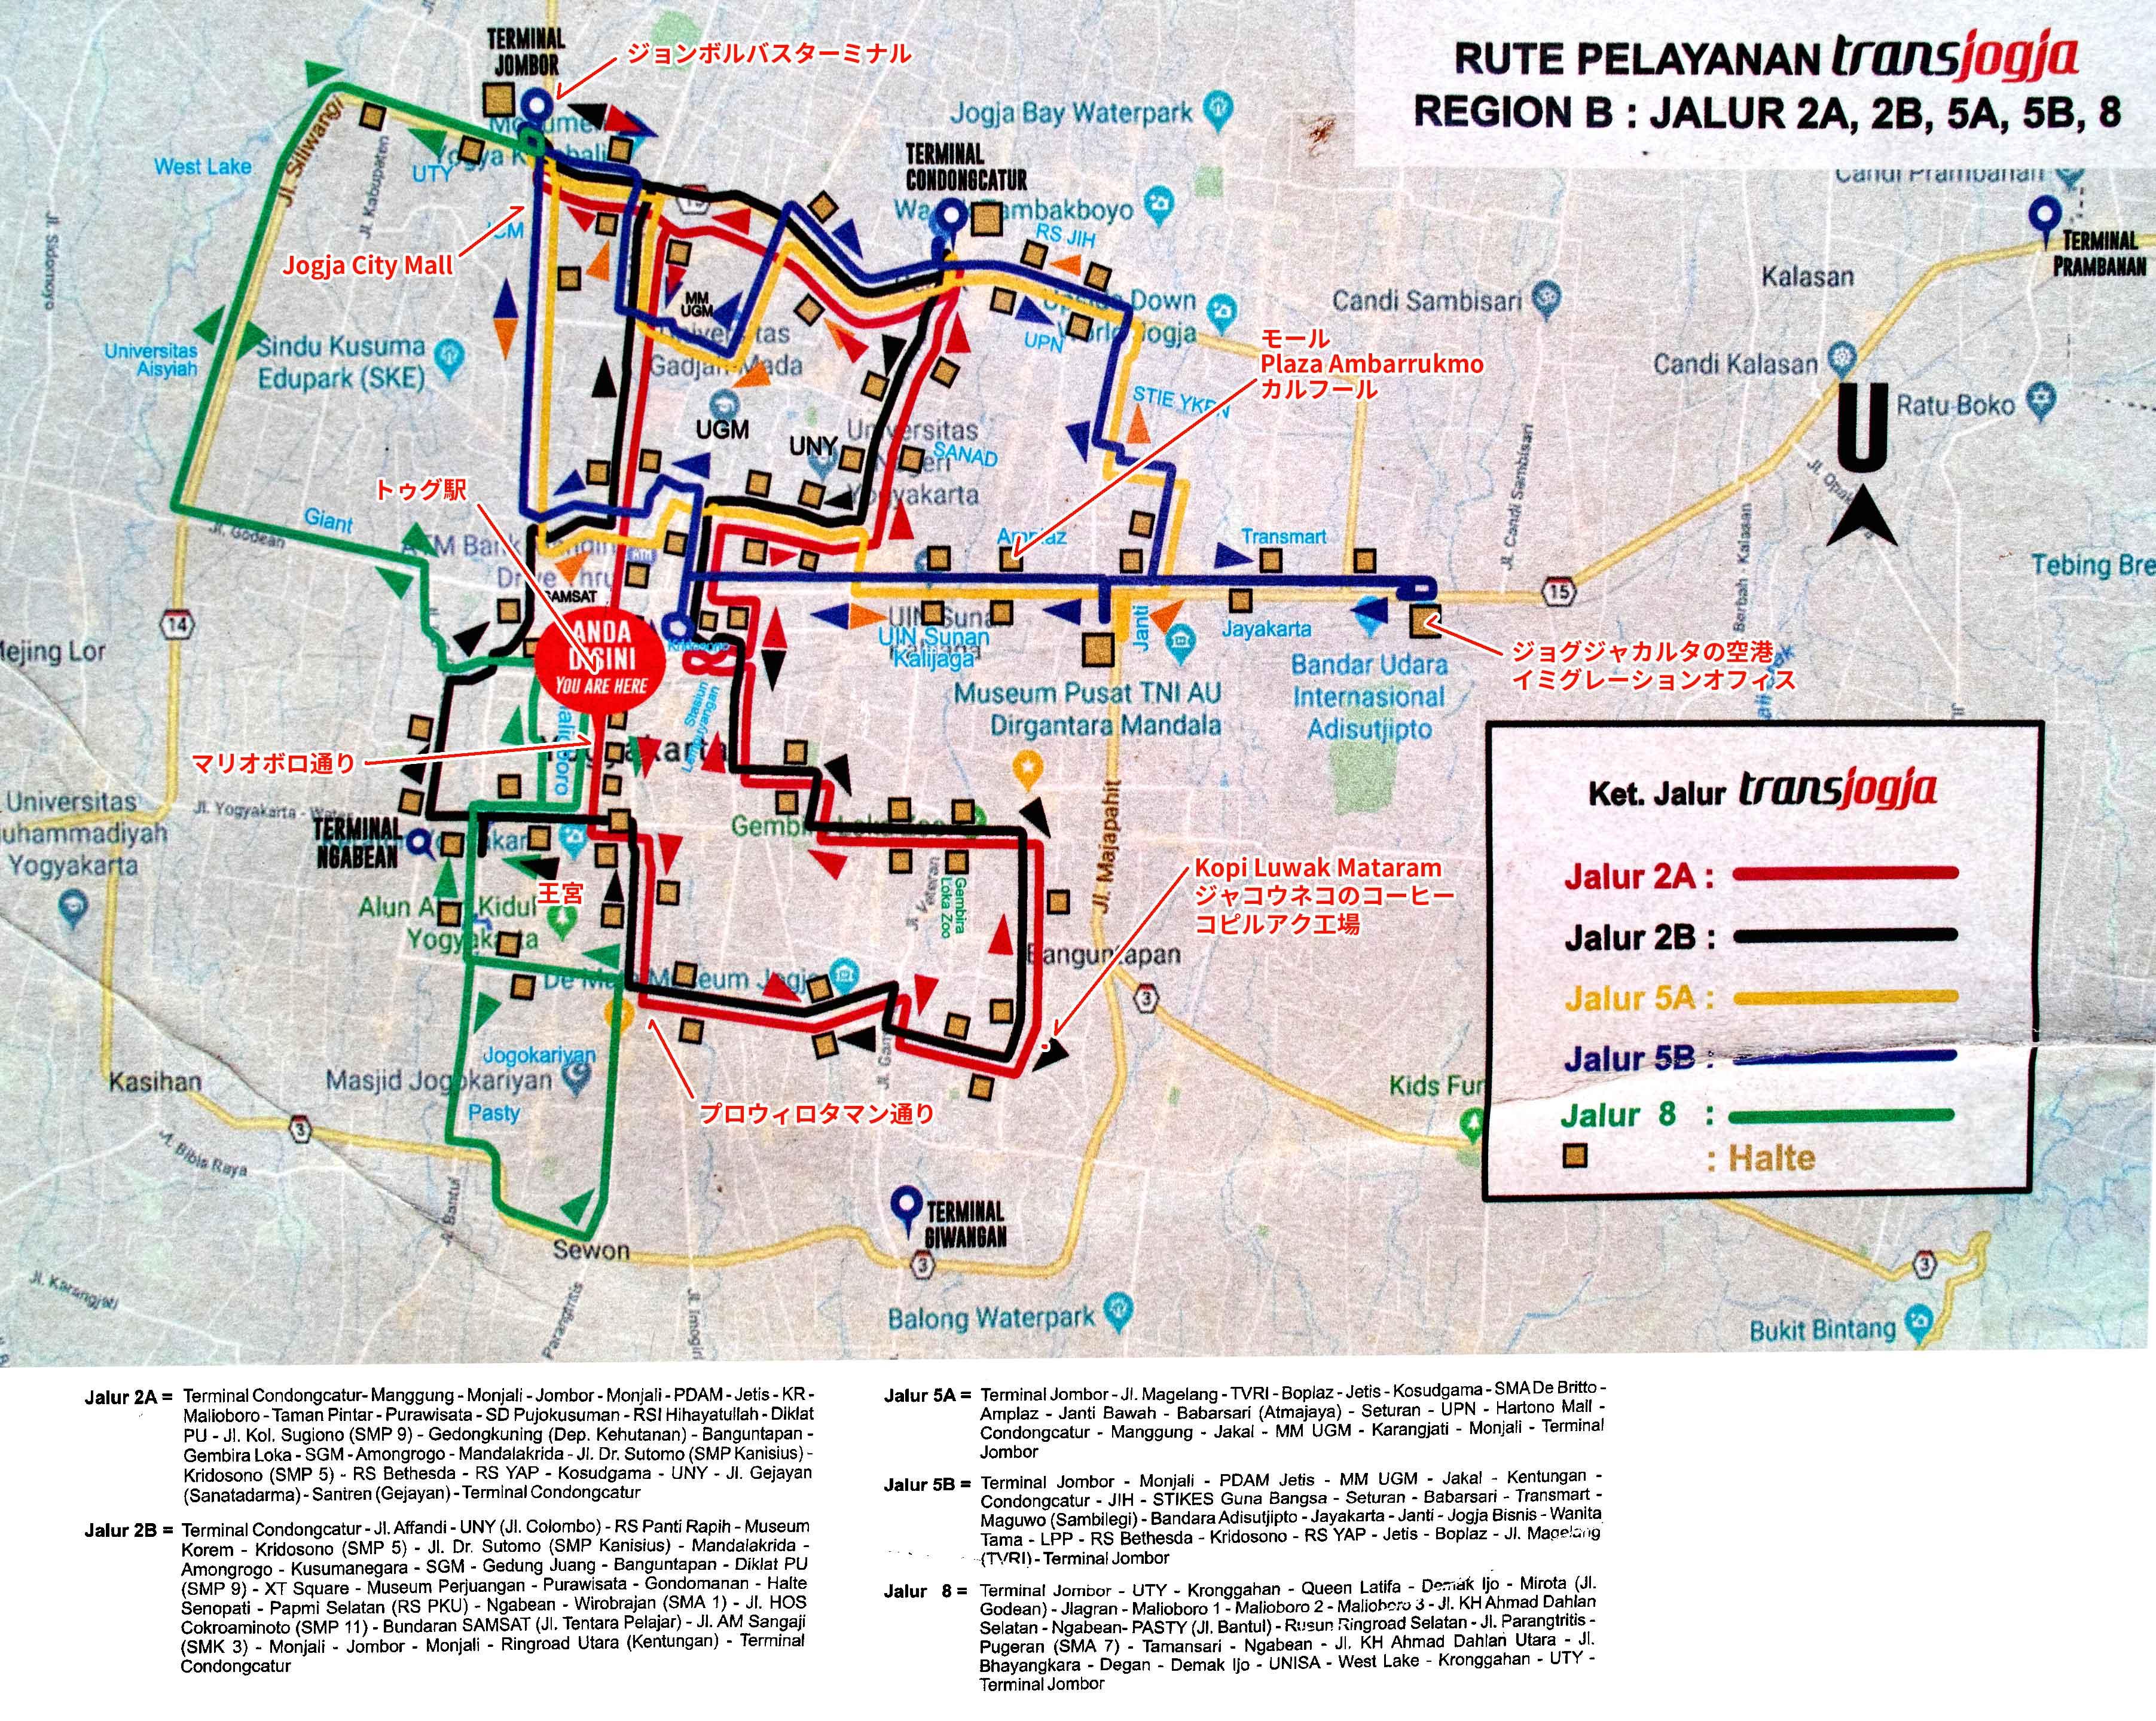 トランスジョグジャ(Trans Jogja)路線図2A,2B,5A,5B,8